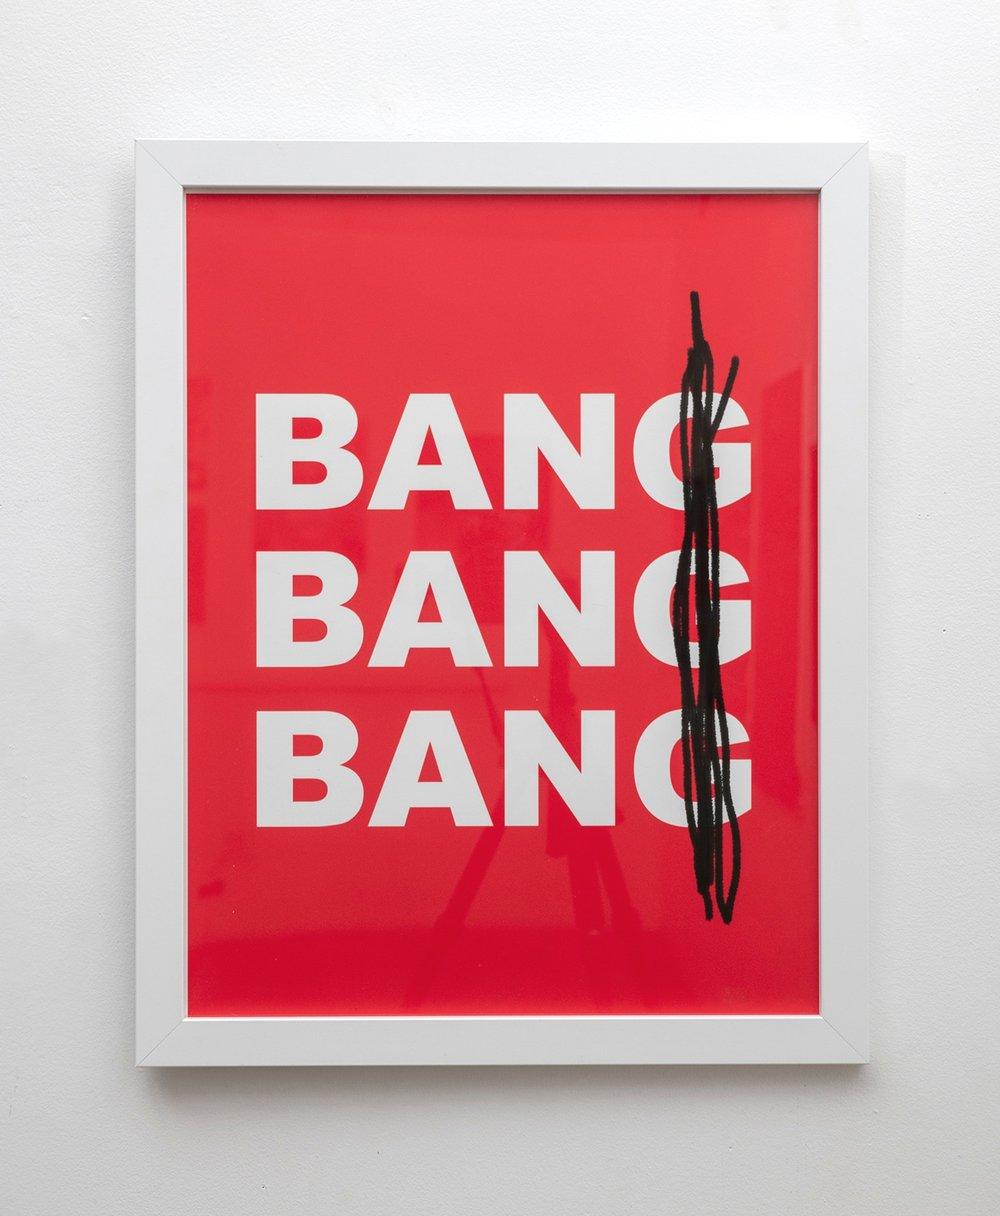 6_Ban Ban Ban Chad Rea.jpg